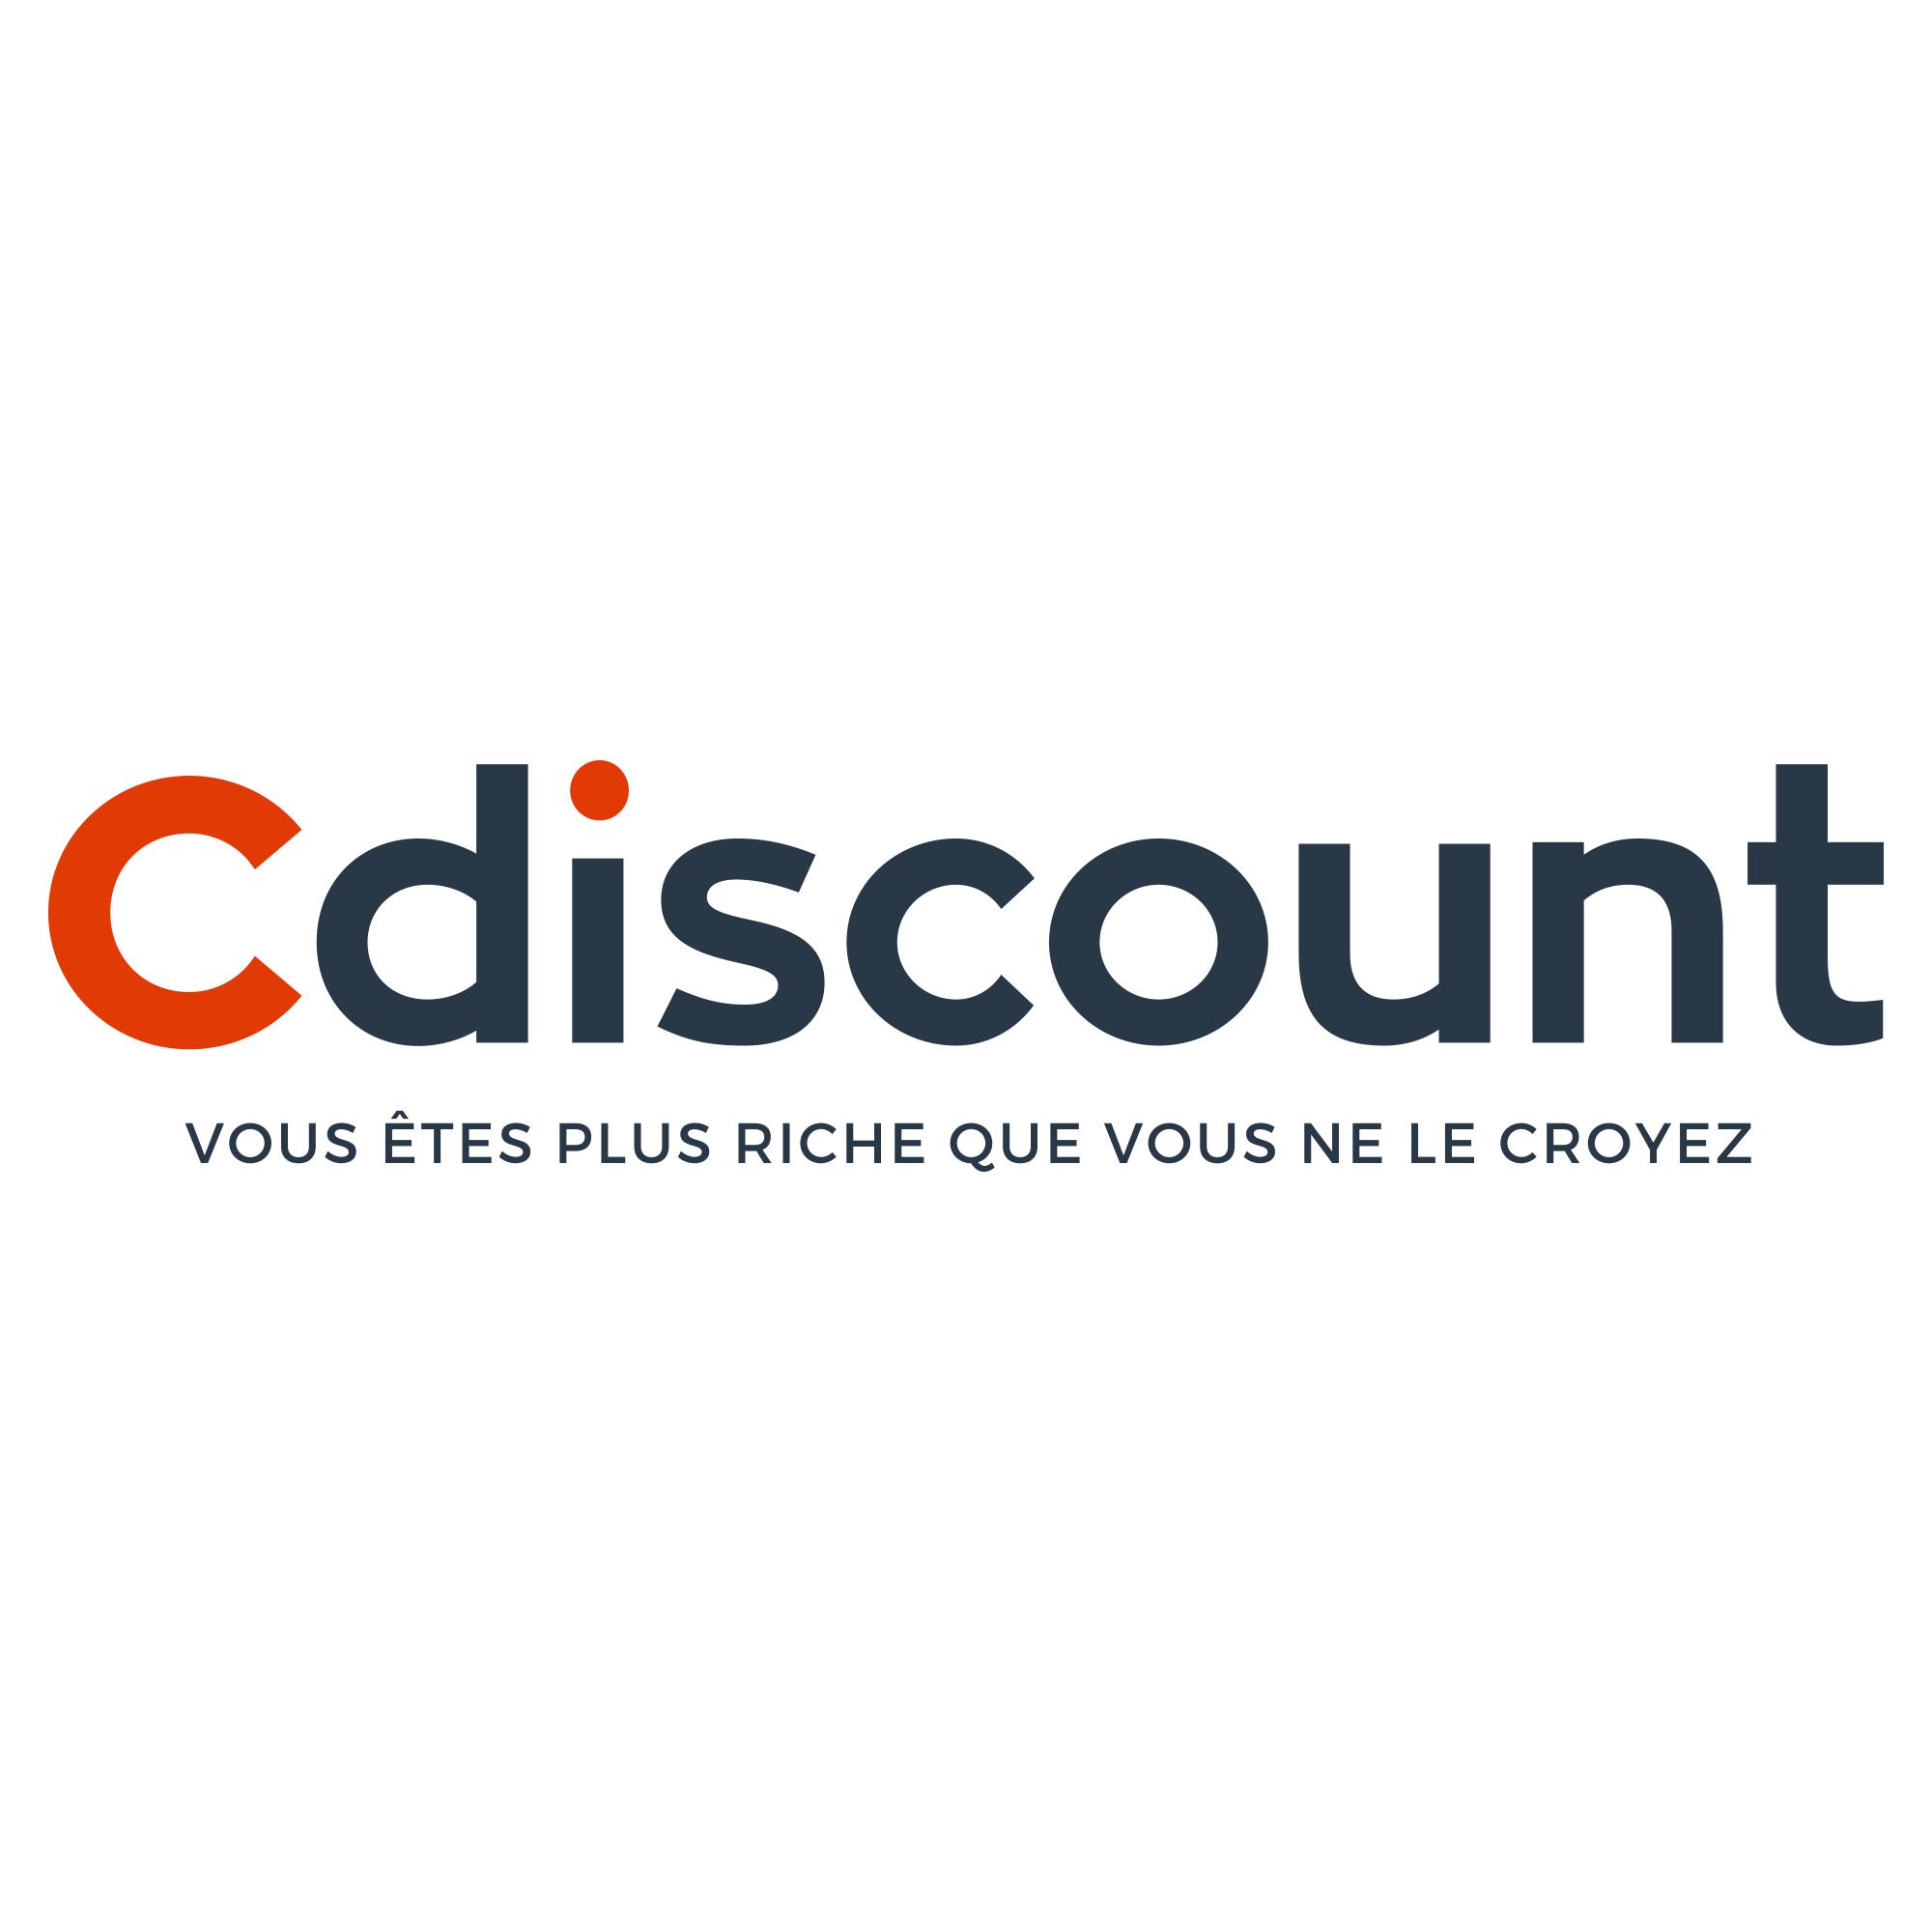 5€ de réduction dés 35€ d'achat / 15€ pour 100€ / 25€ pour 150€ / 35€ pour 200€